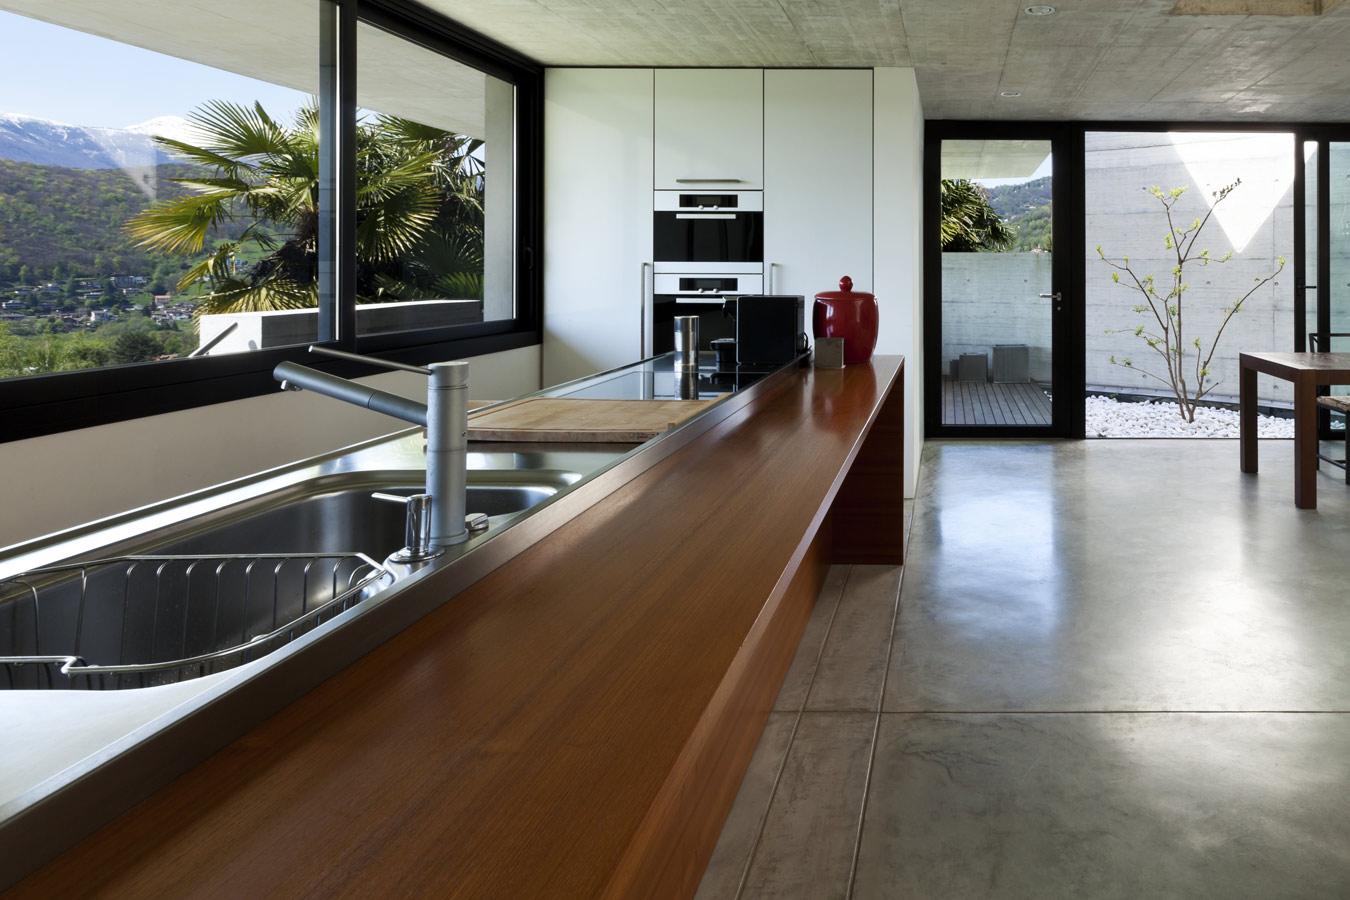 Werkblad Keuken Hout : Houten werkblad in de keuken tips soorten hout